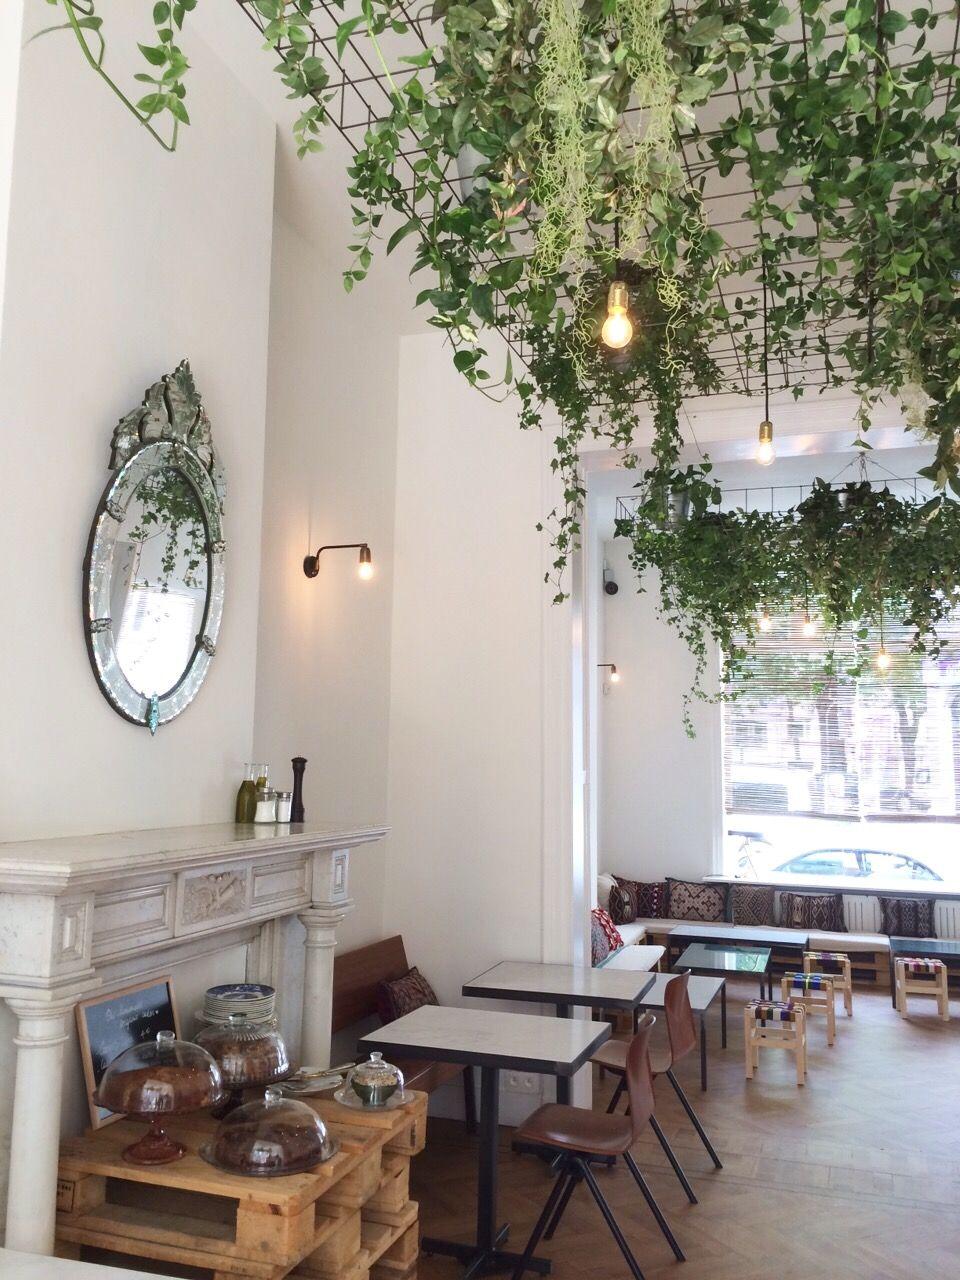 Chyl Cafe Rue De Belle Vue 62 1000 Bruxelles Www Chyl Be Www Facebook Com Wechyl Chyl Interieurs De Restaurants Decor De Salon De Coiffure Interieurs Cafe